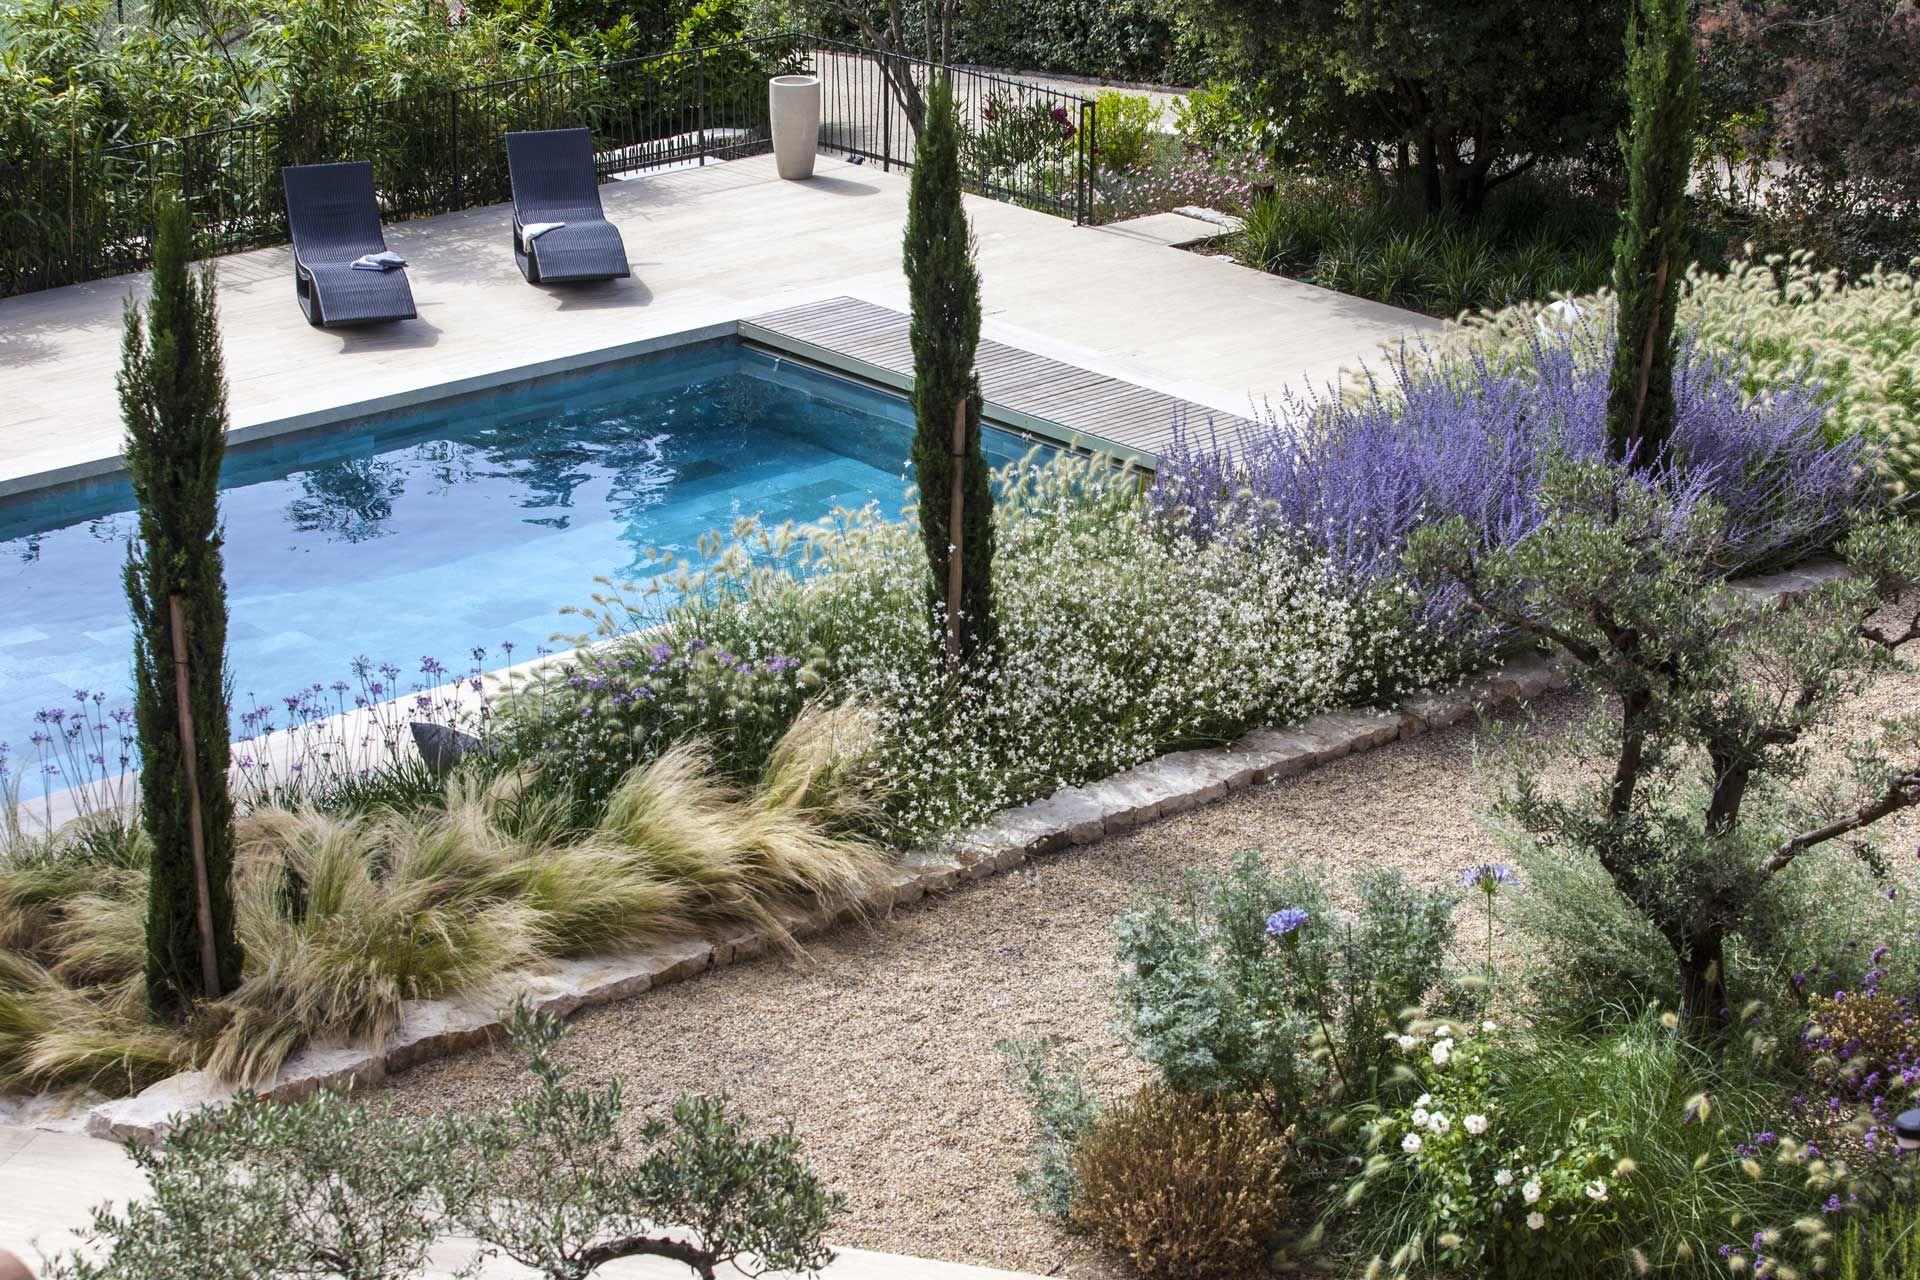 Jardin des id es de pro pour l 39 am nager dallage pierre for Concepteur paysagiste